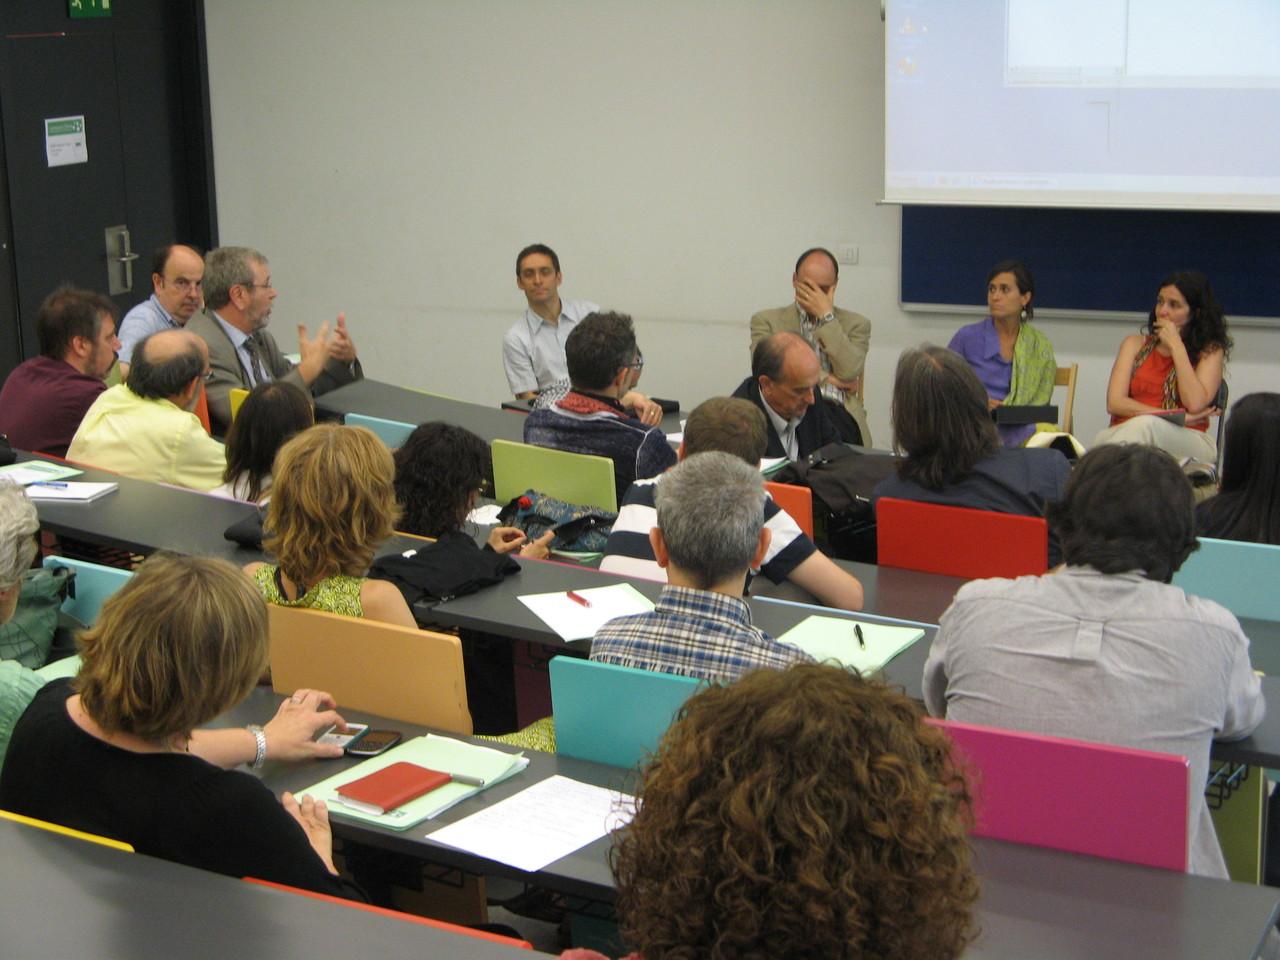 En la posada en comú es van discutir els elements que s'havien tractat durant els grups de discussió: prototip, docència, compartició i reutilització de materials